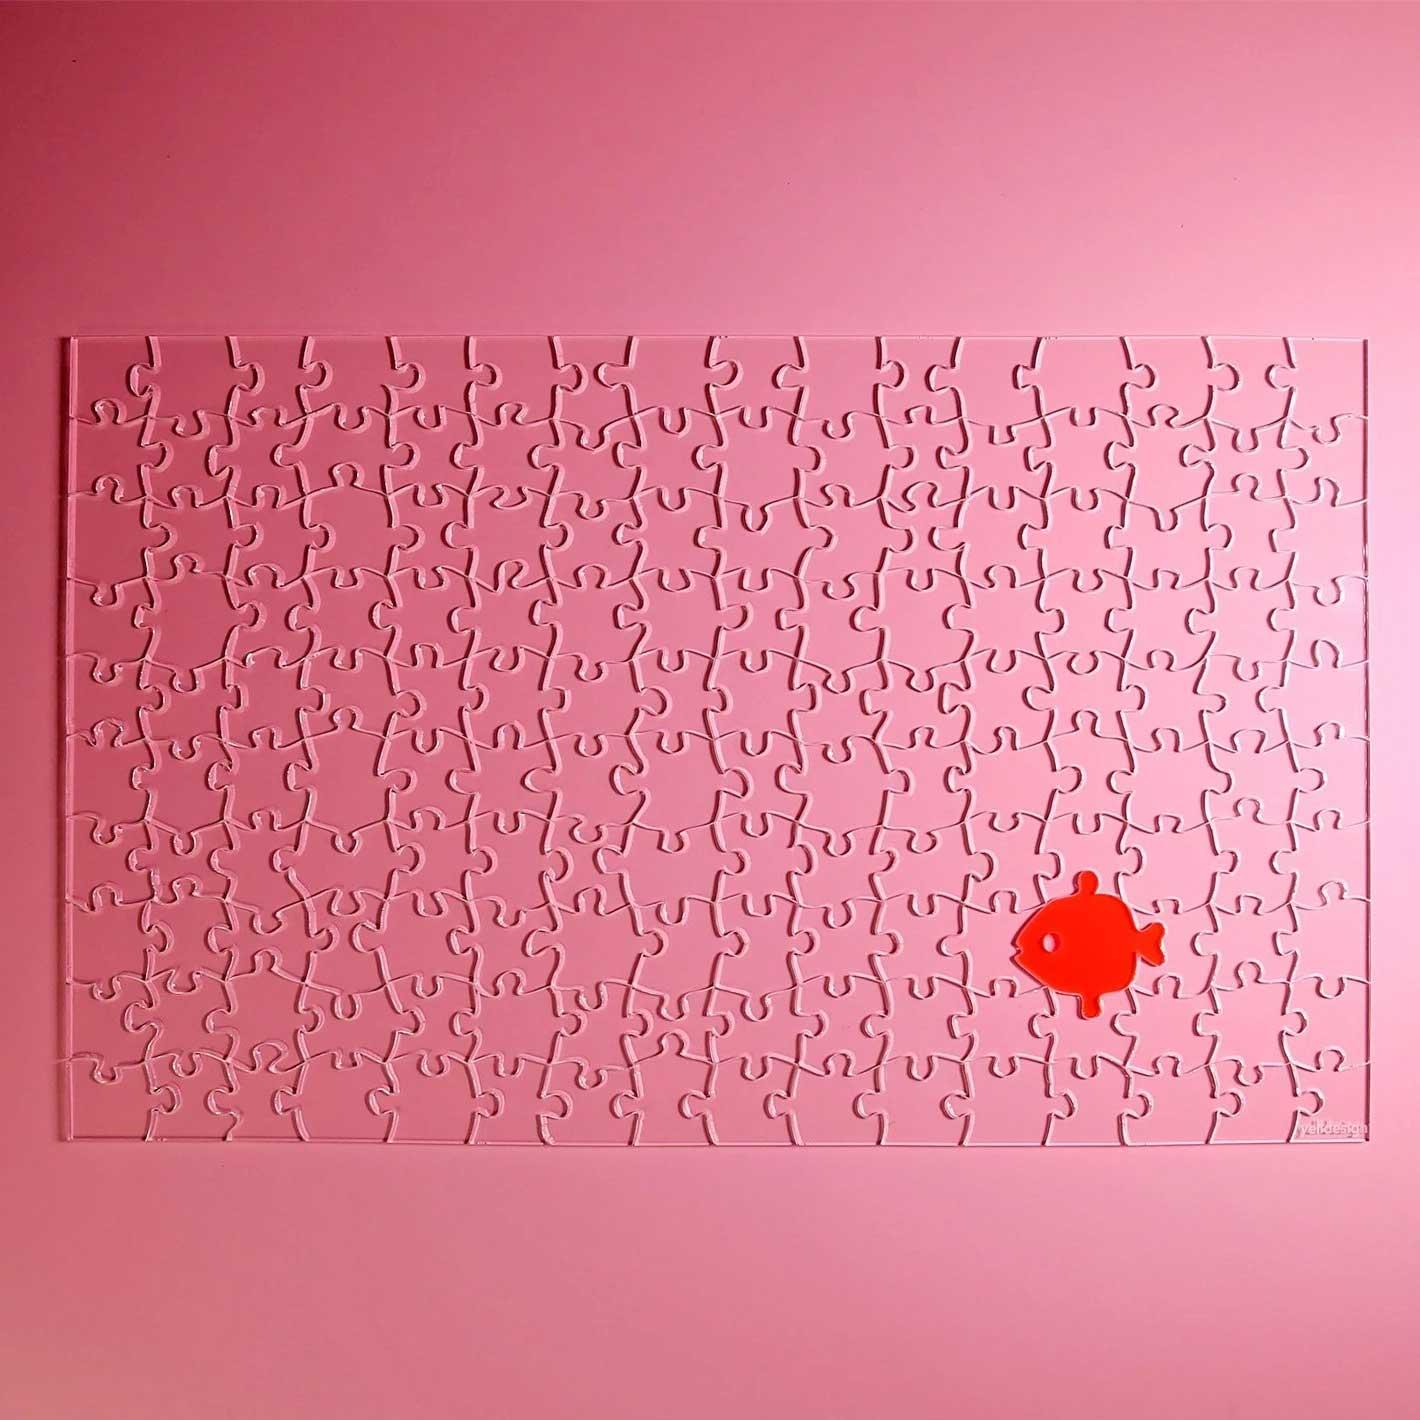 Durchsichtiges Puzzle puzzle-aus-glas-The-fishtank_clear-jigsaw_01